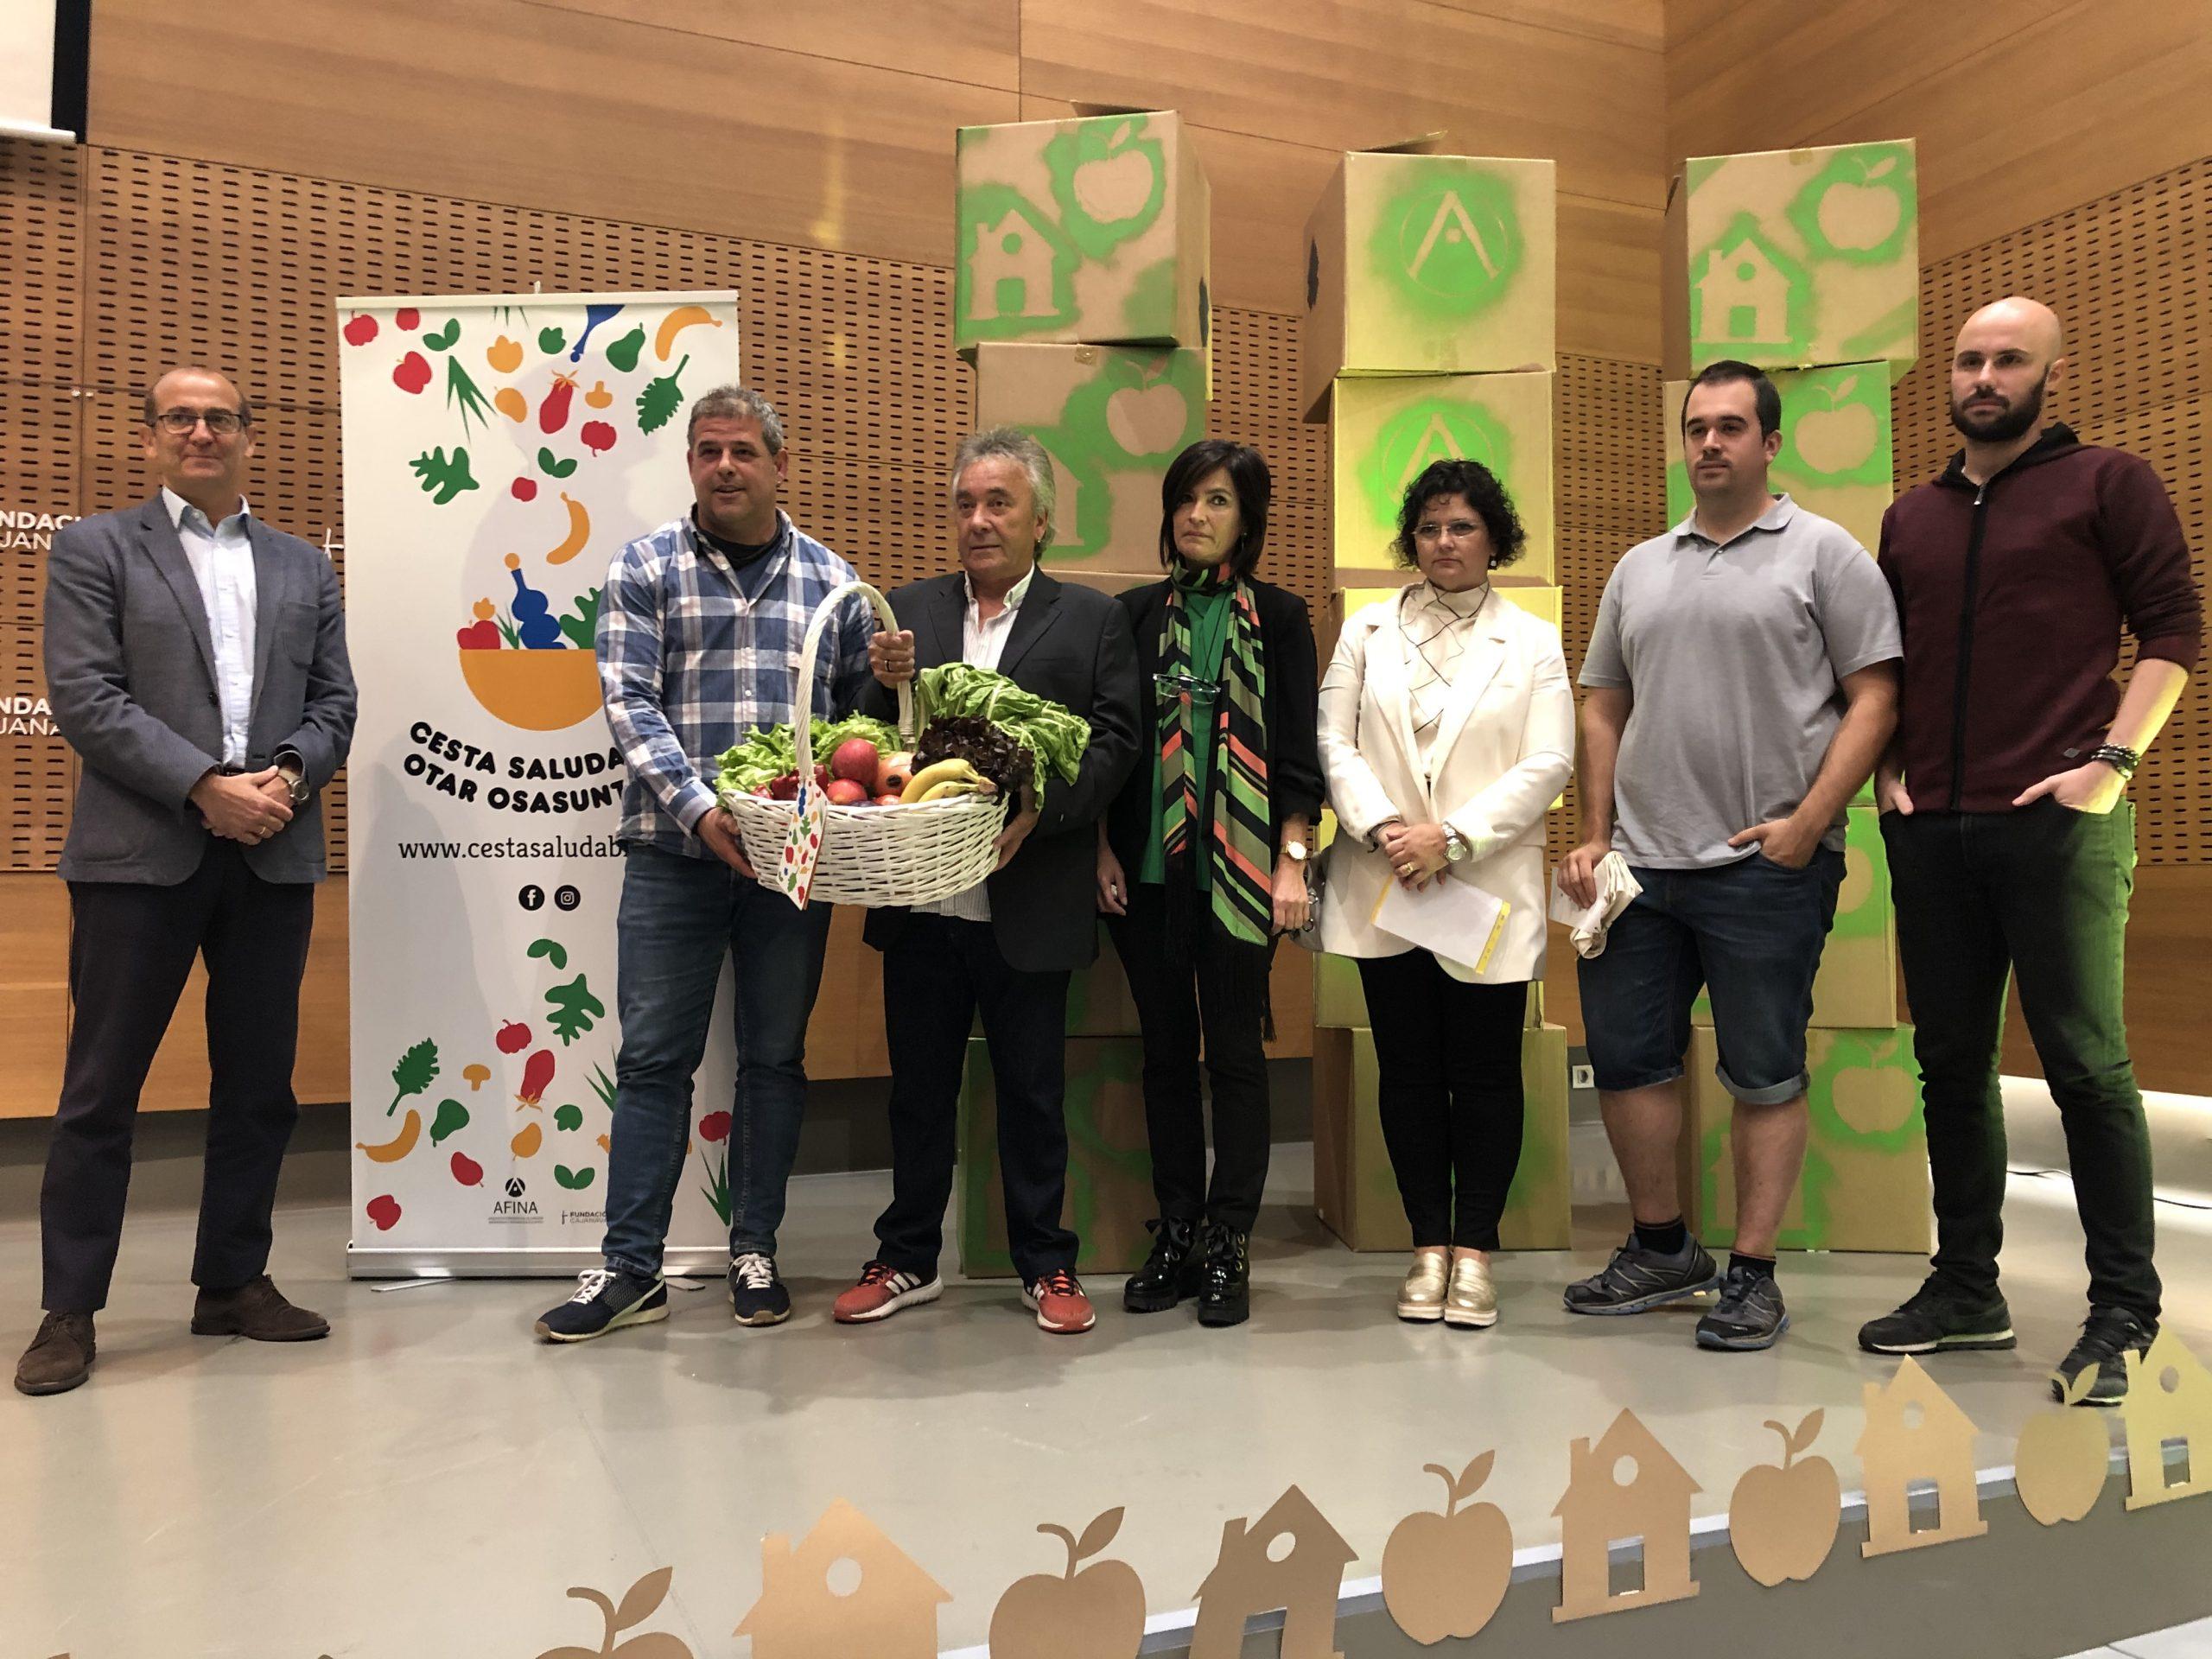 Fotografía de la presentación de la cesta en CIVICAN